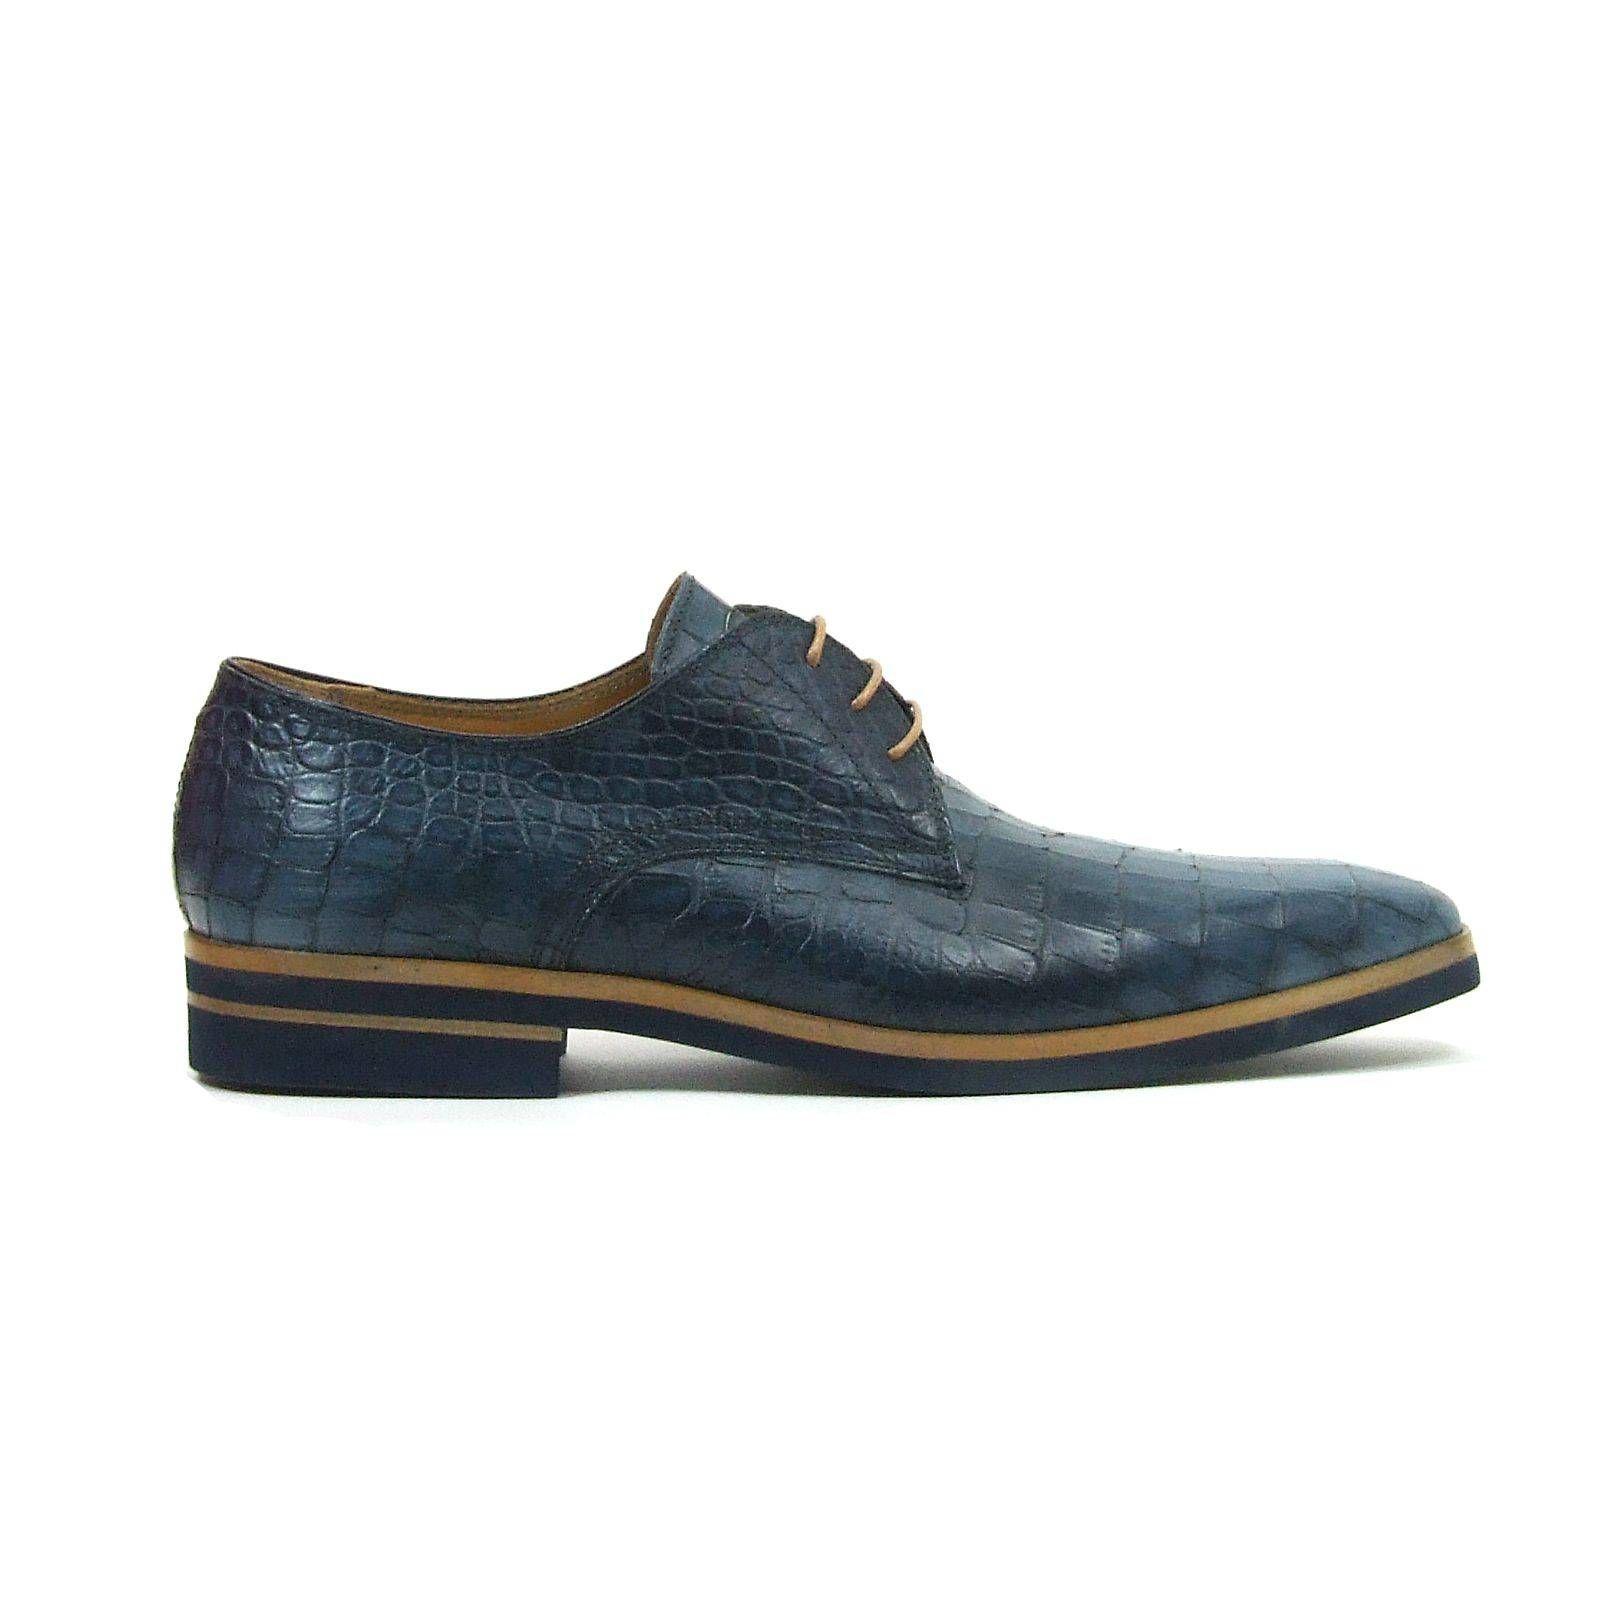 Giorgio Chaussures De Sport Bleu Occasionnels Avec Les Hommes Lacer NH83Jrie